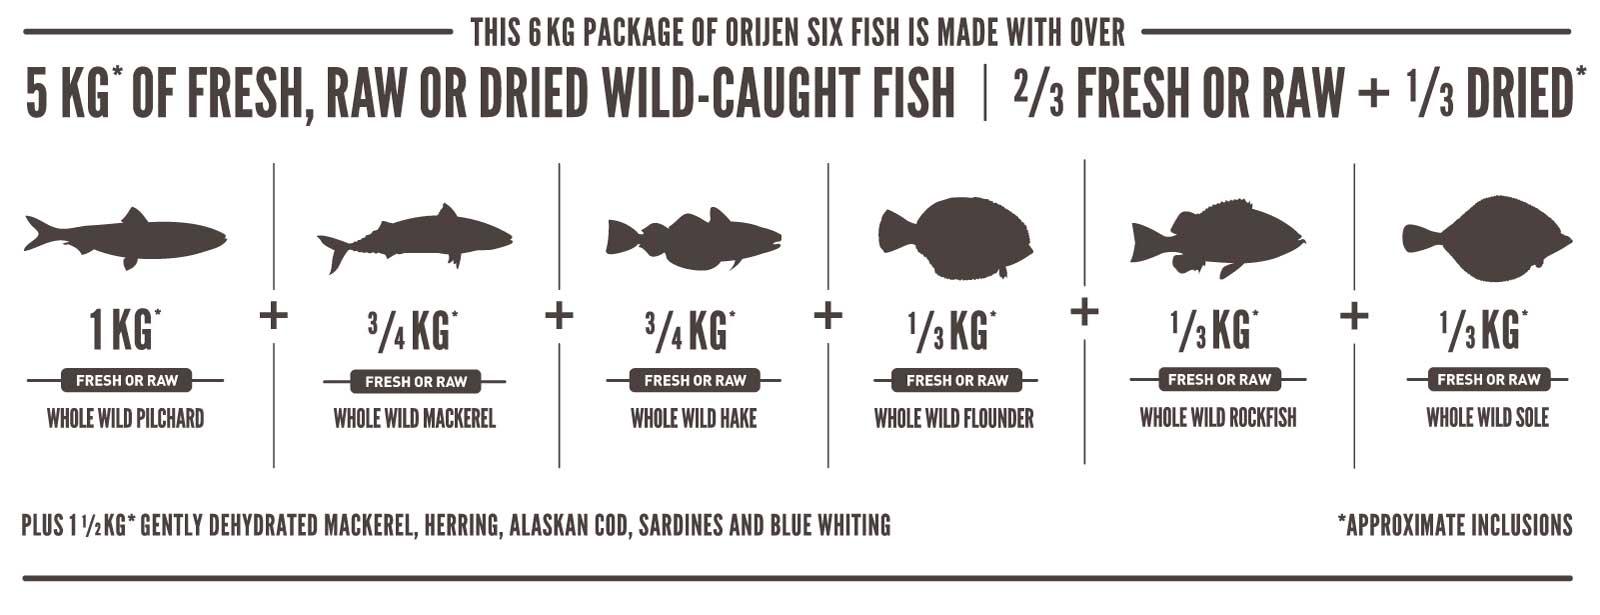 pescados incluidos cada 6kg de orijen